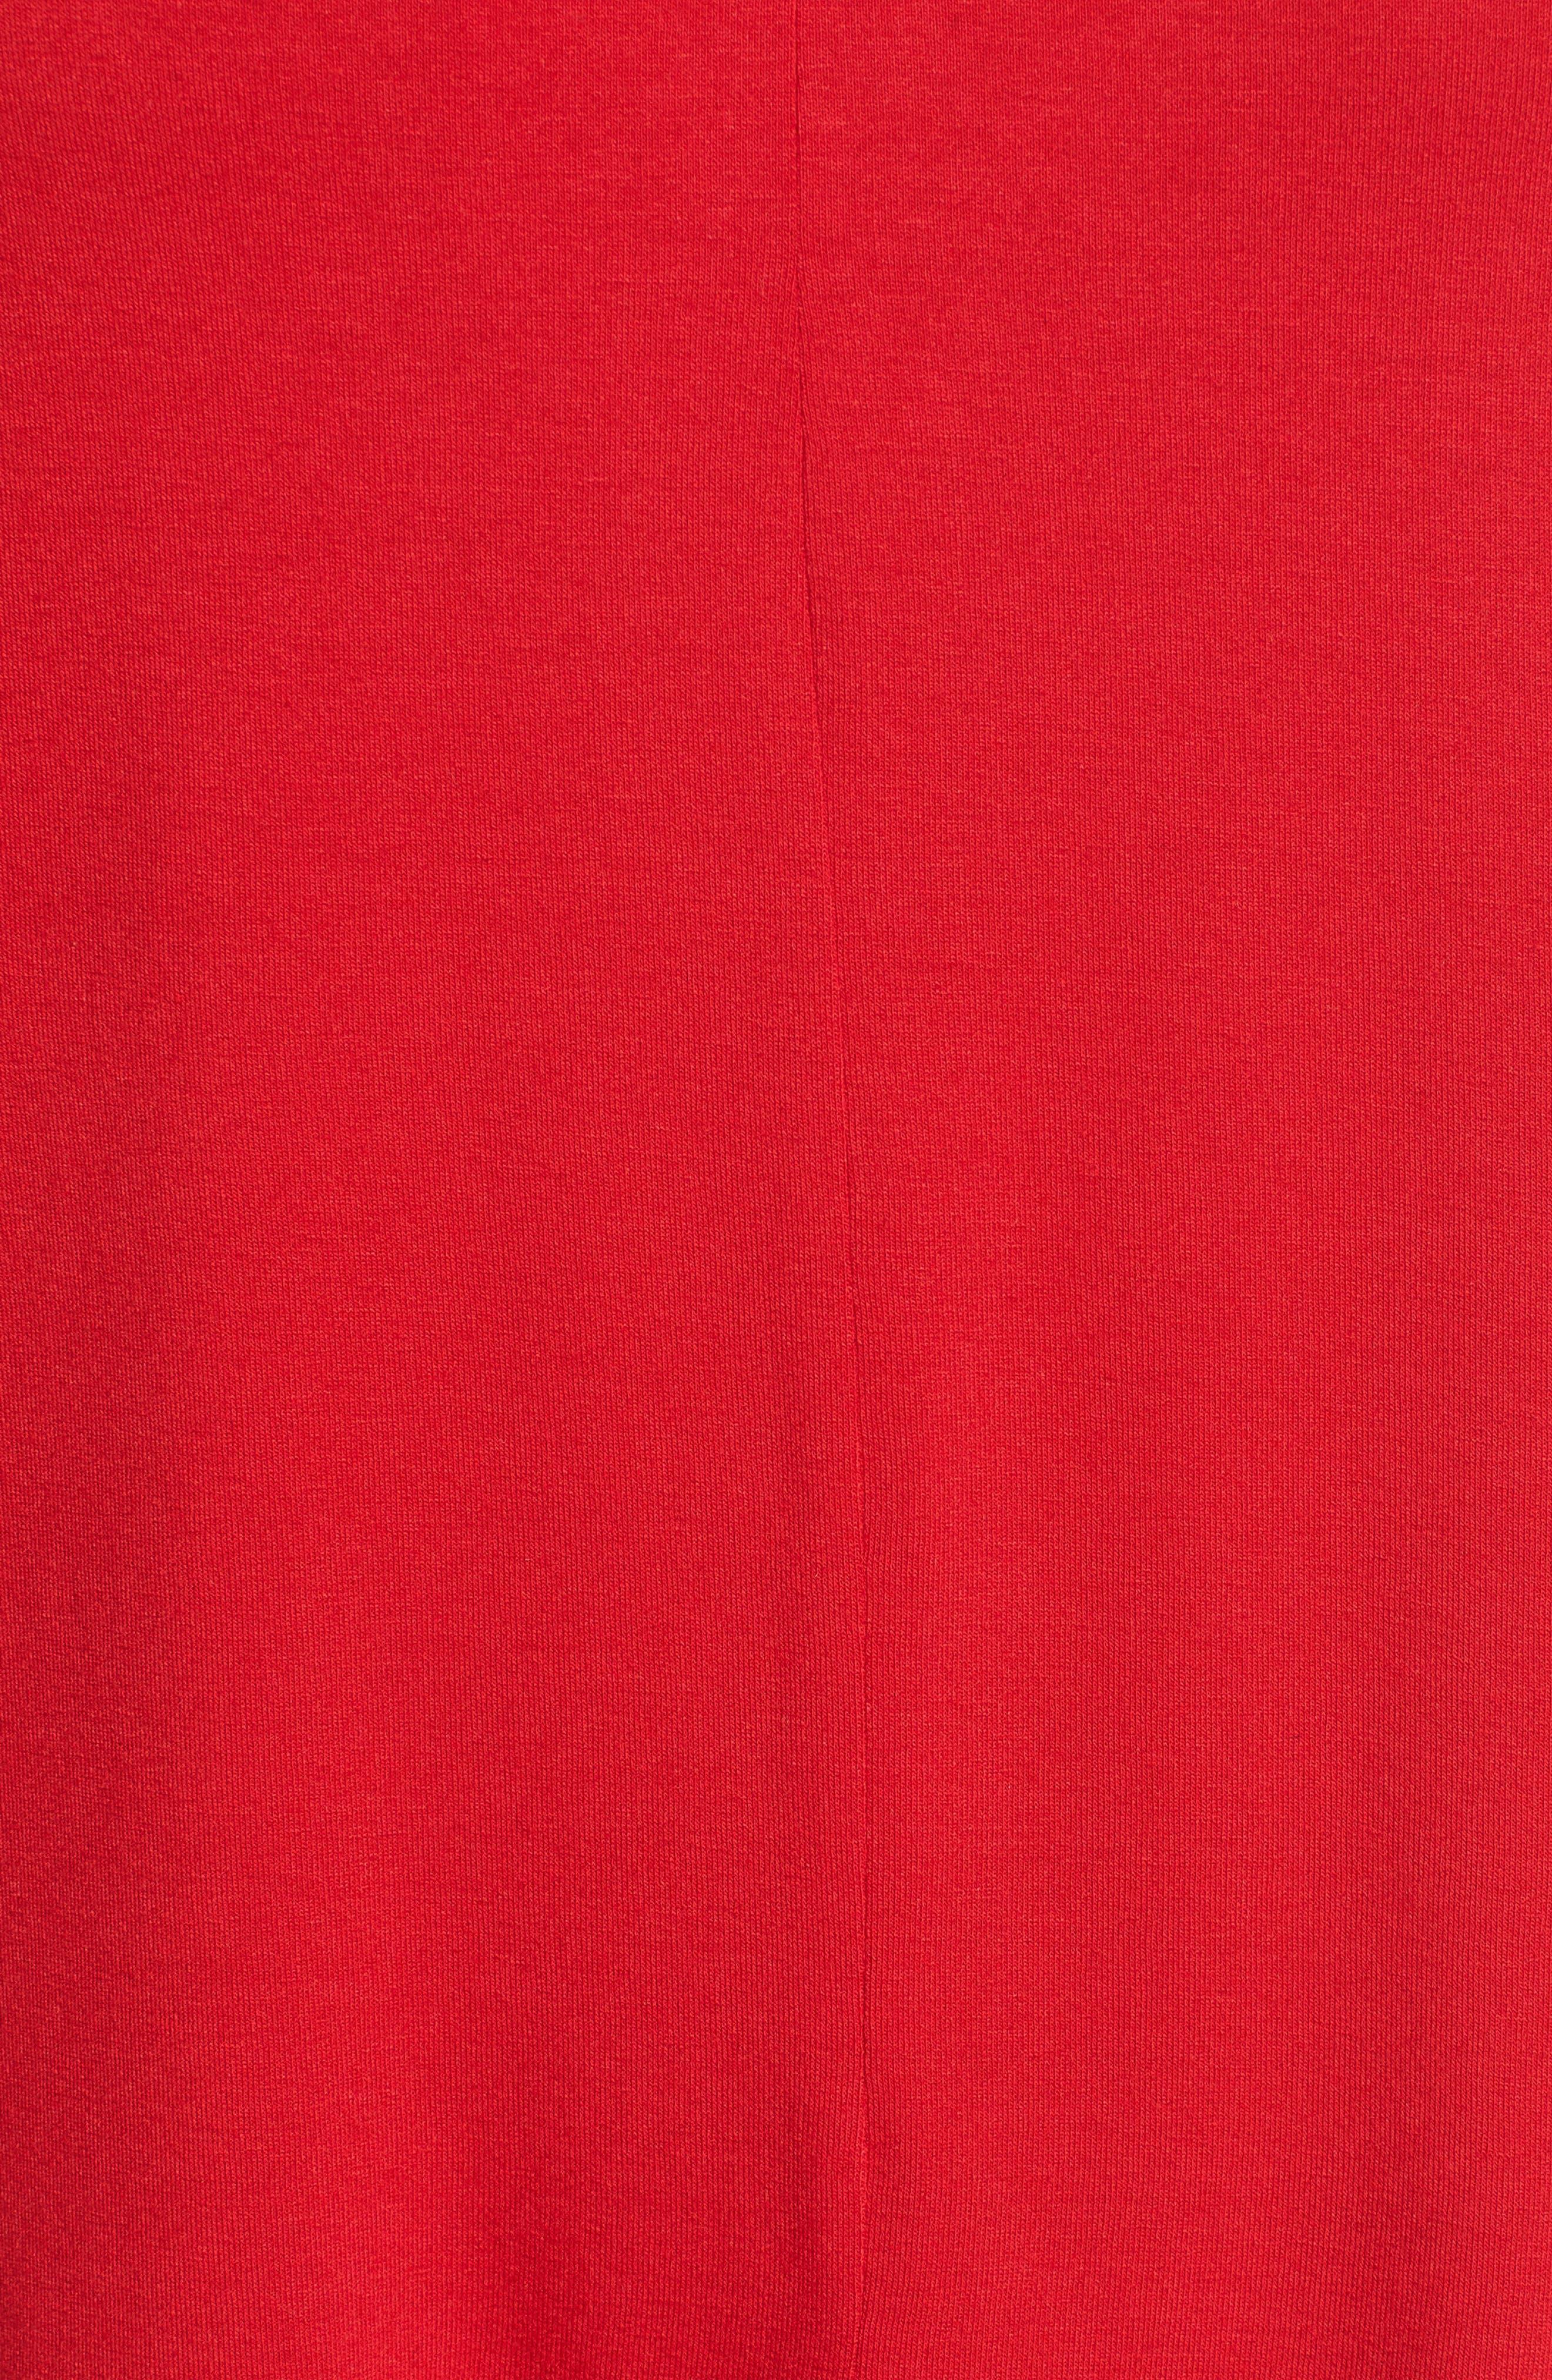 Sleeveless V-Neck Top,                             Alternate thumbnail 6, color,                             RADIANT RED